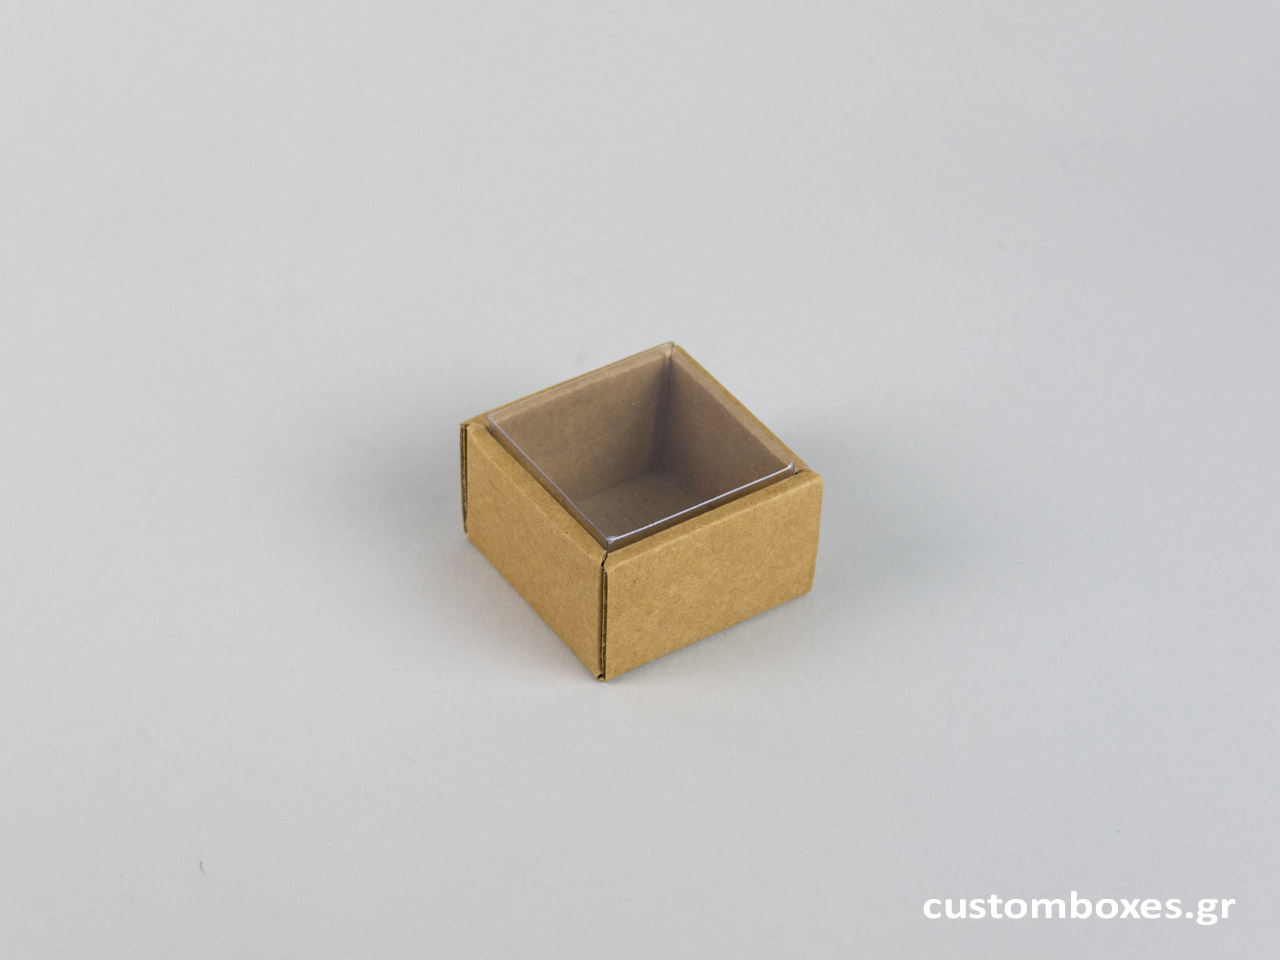 Οικολογικό κουτί kraft με διάφανο καπάκι μικρό δαχτυλίδι